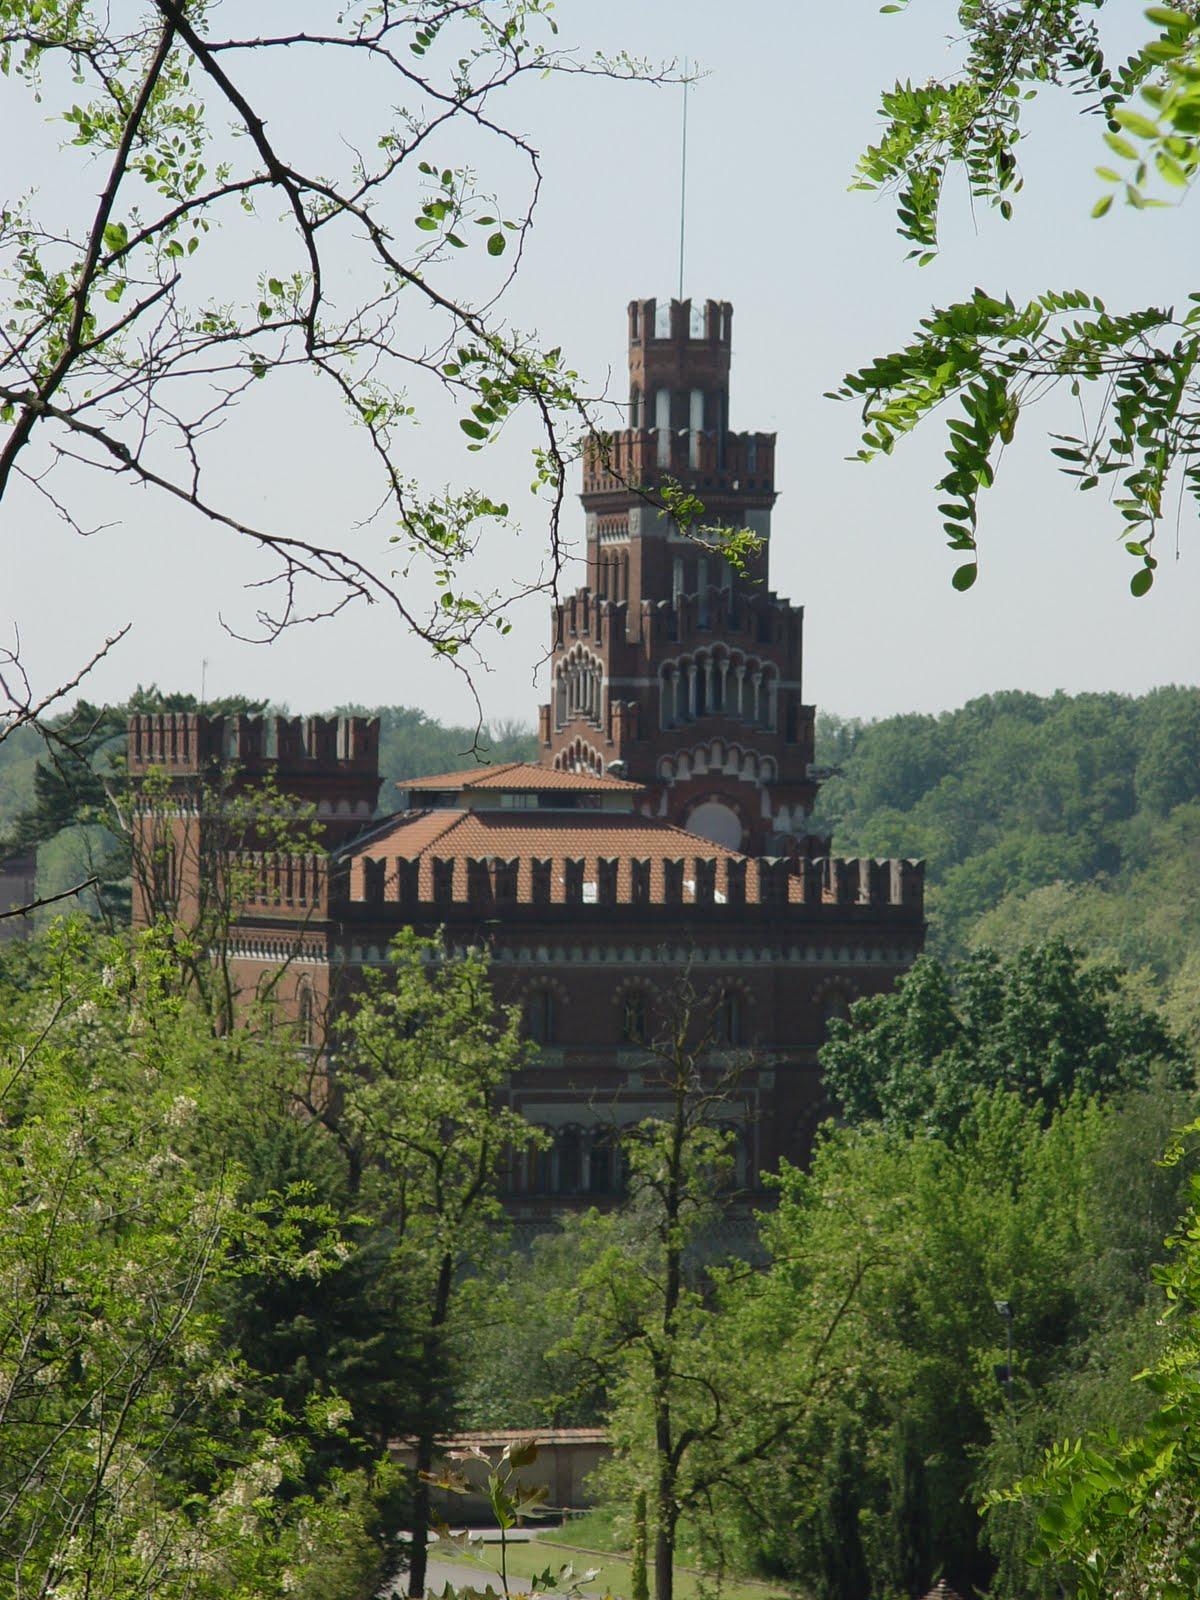 Villa D Adda Giardinaggio